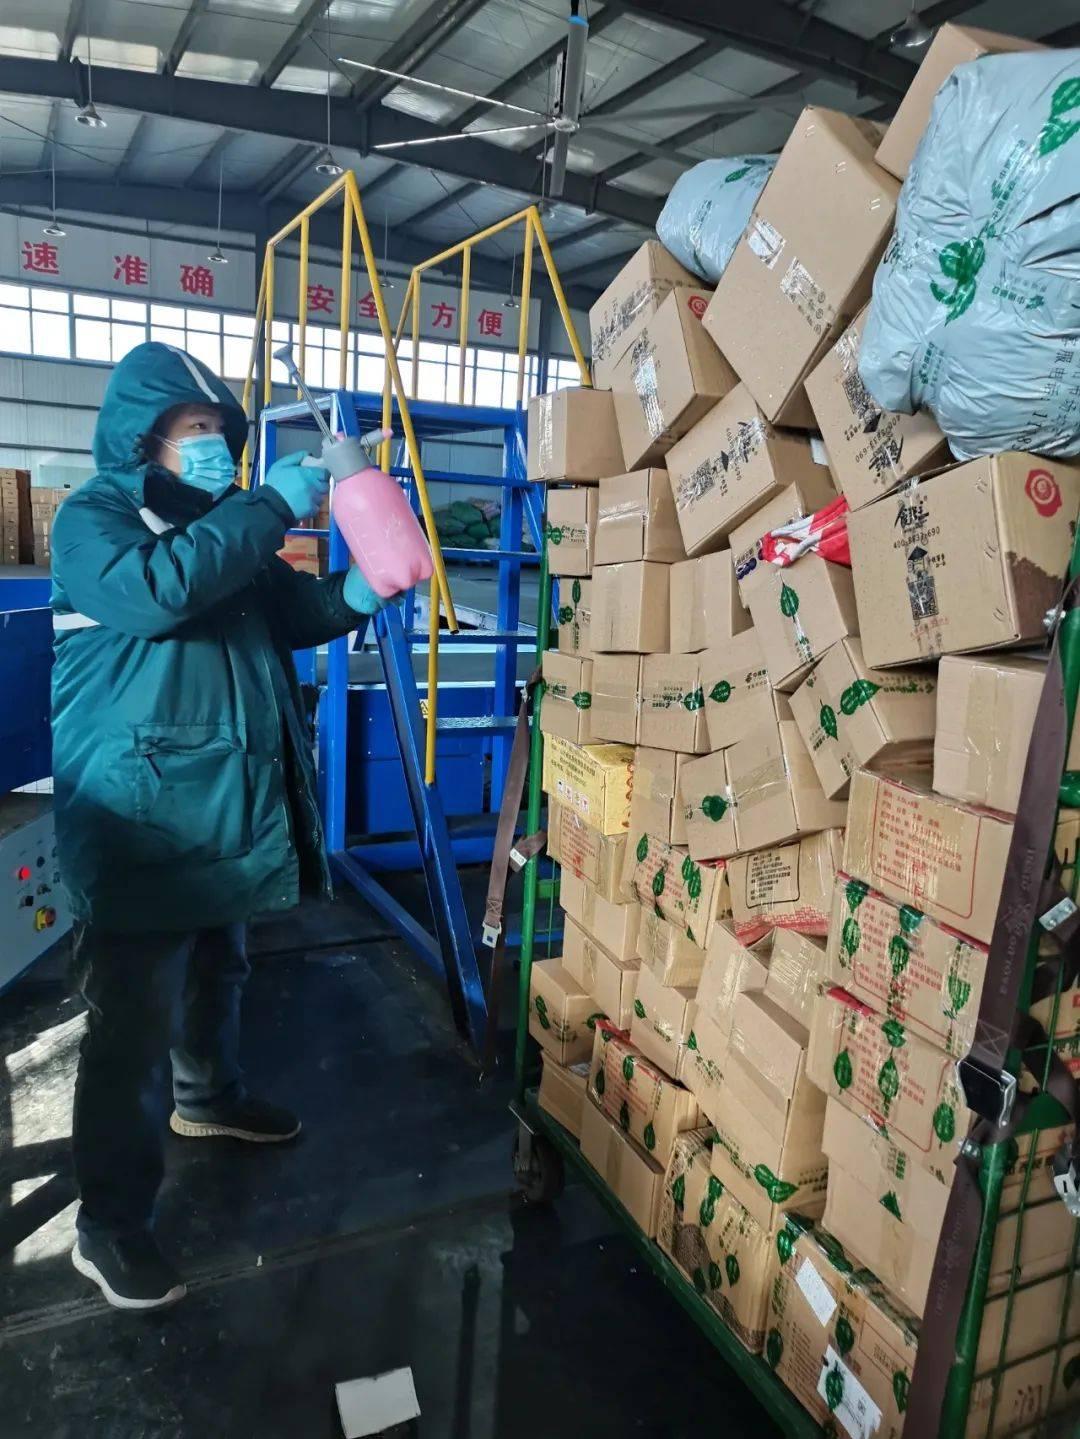 注意!山西邮政暂停收寄寄往北京顺义区、河北石家庄和邢台市的快件  第3张